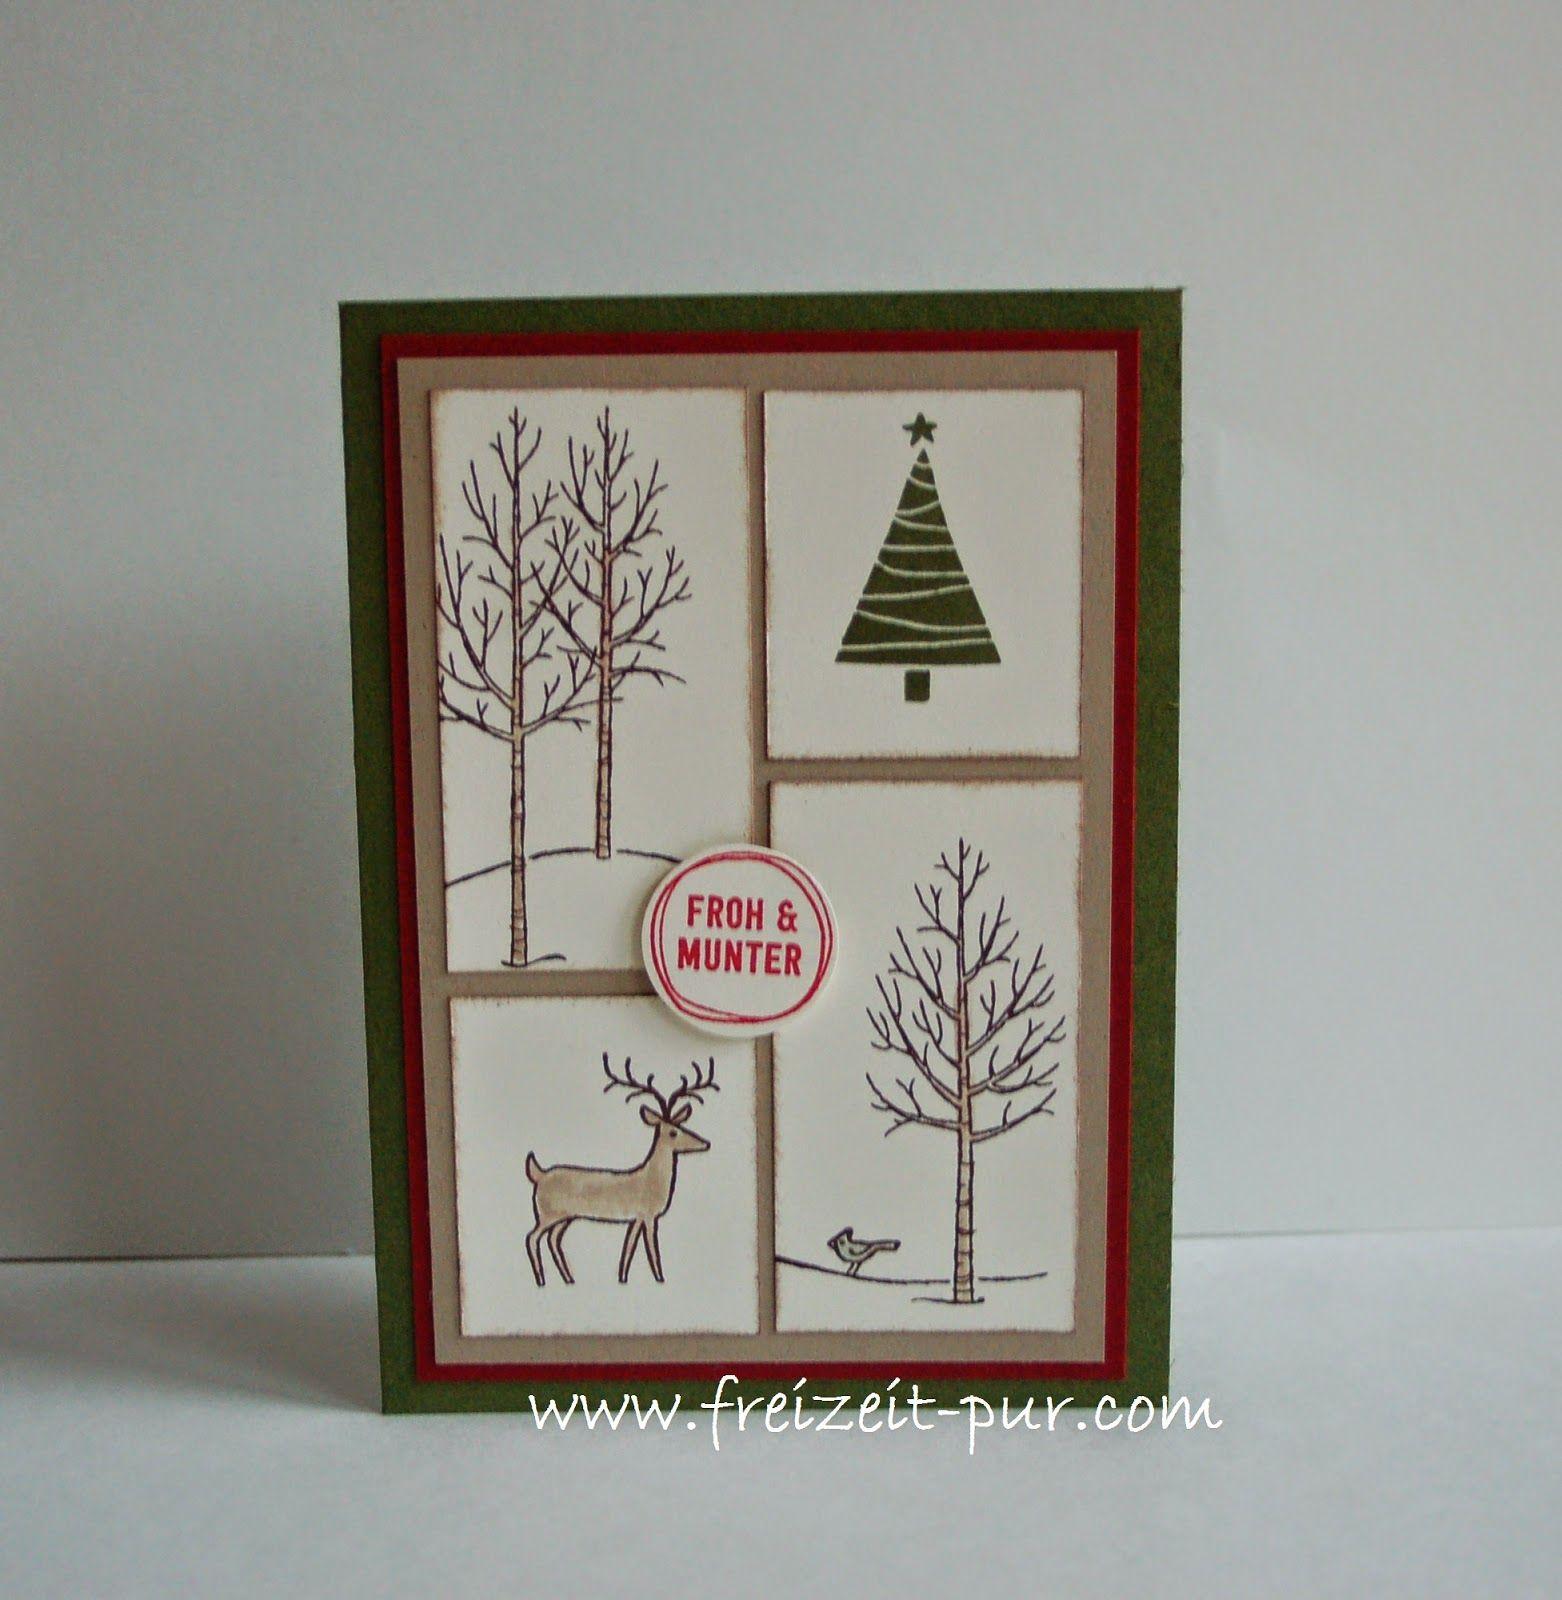 Berühmt Weihnachtsfarbe Ins Bilder - Druckbare Malvorlagen - amaichi ...